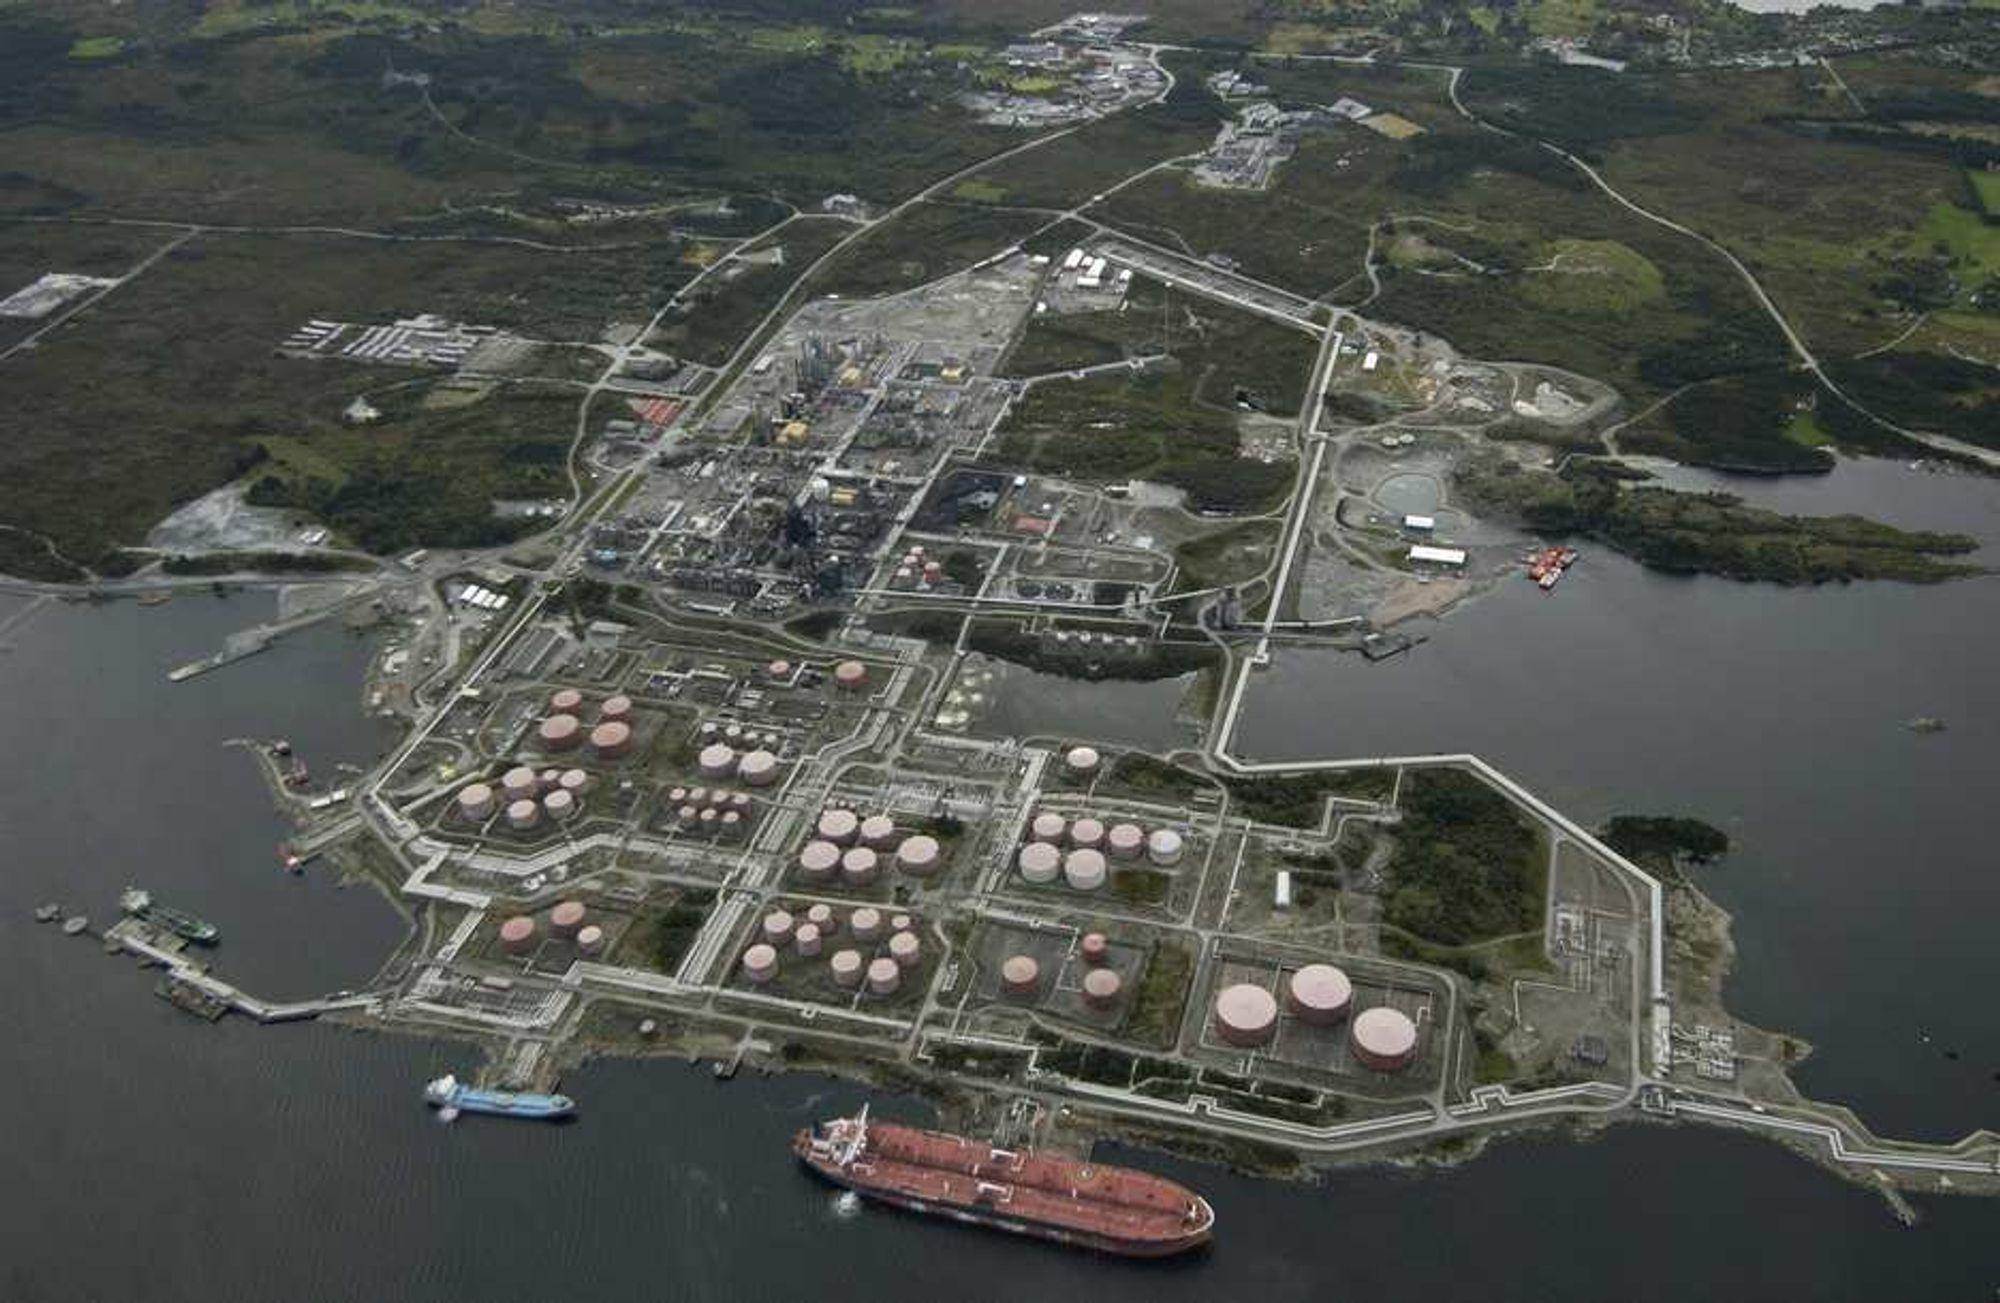 GRANSKES: Rundt 200 ansatte ved raffineriet på Mongstad ble evakuert da det ble oppdaget lekkasje av LPG-gass søndag kveld. Nå skal hendelsen granskes.